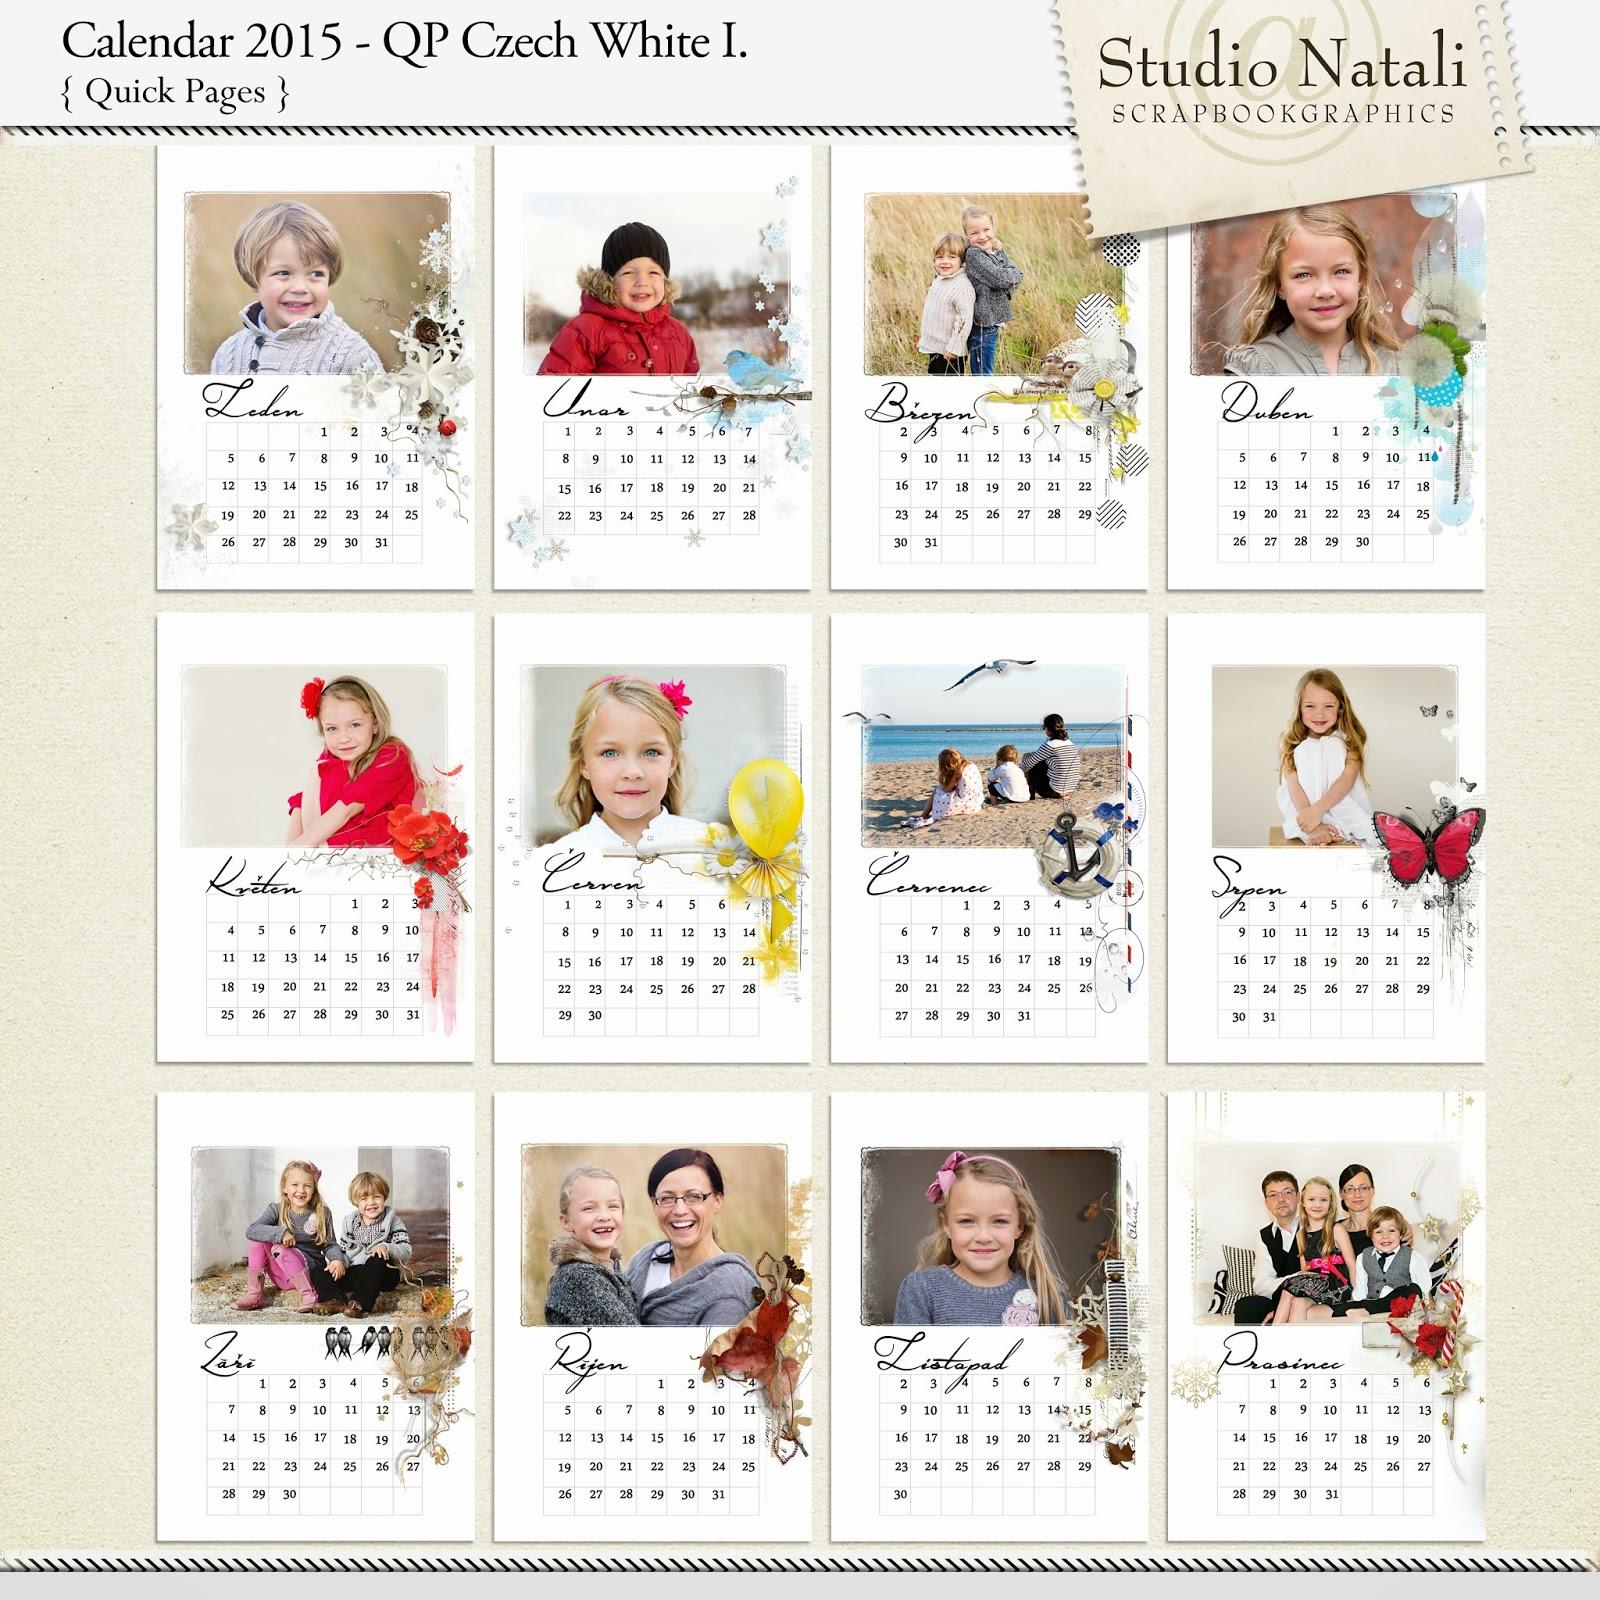 http://shop.scrapbookgraphics.com/Calendar-2015-Czech-1.html